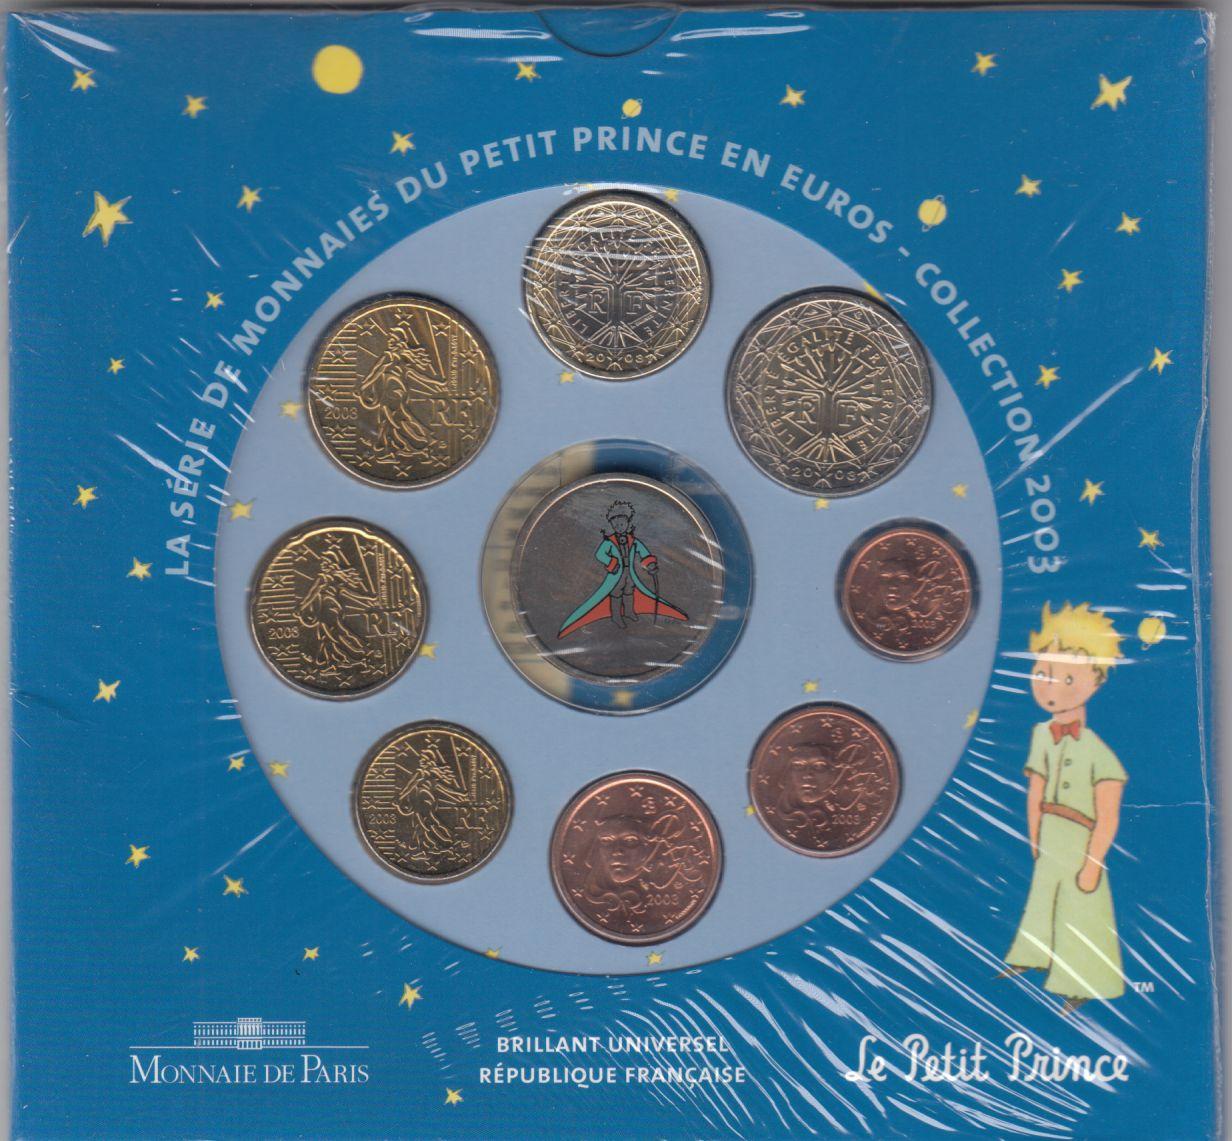 France Coffret BU 2003 - Petit Prince